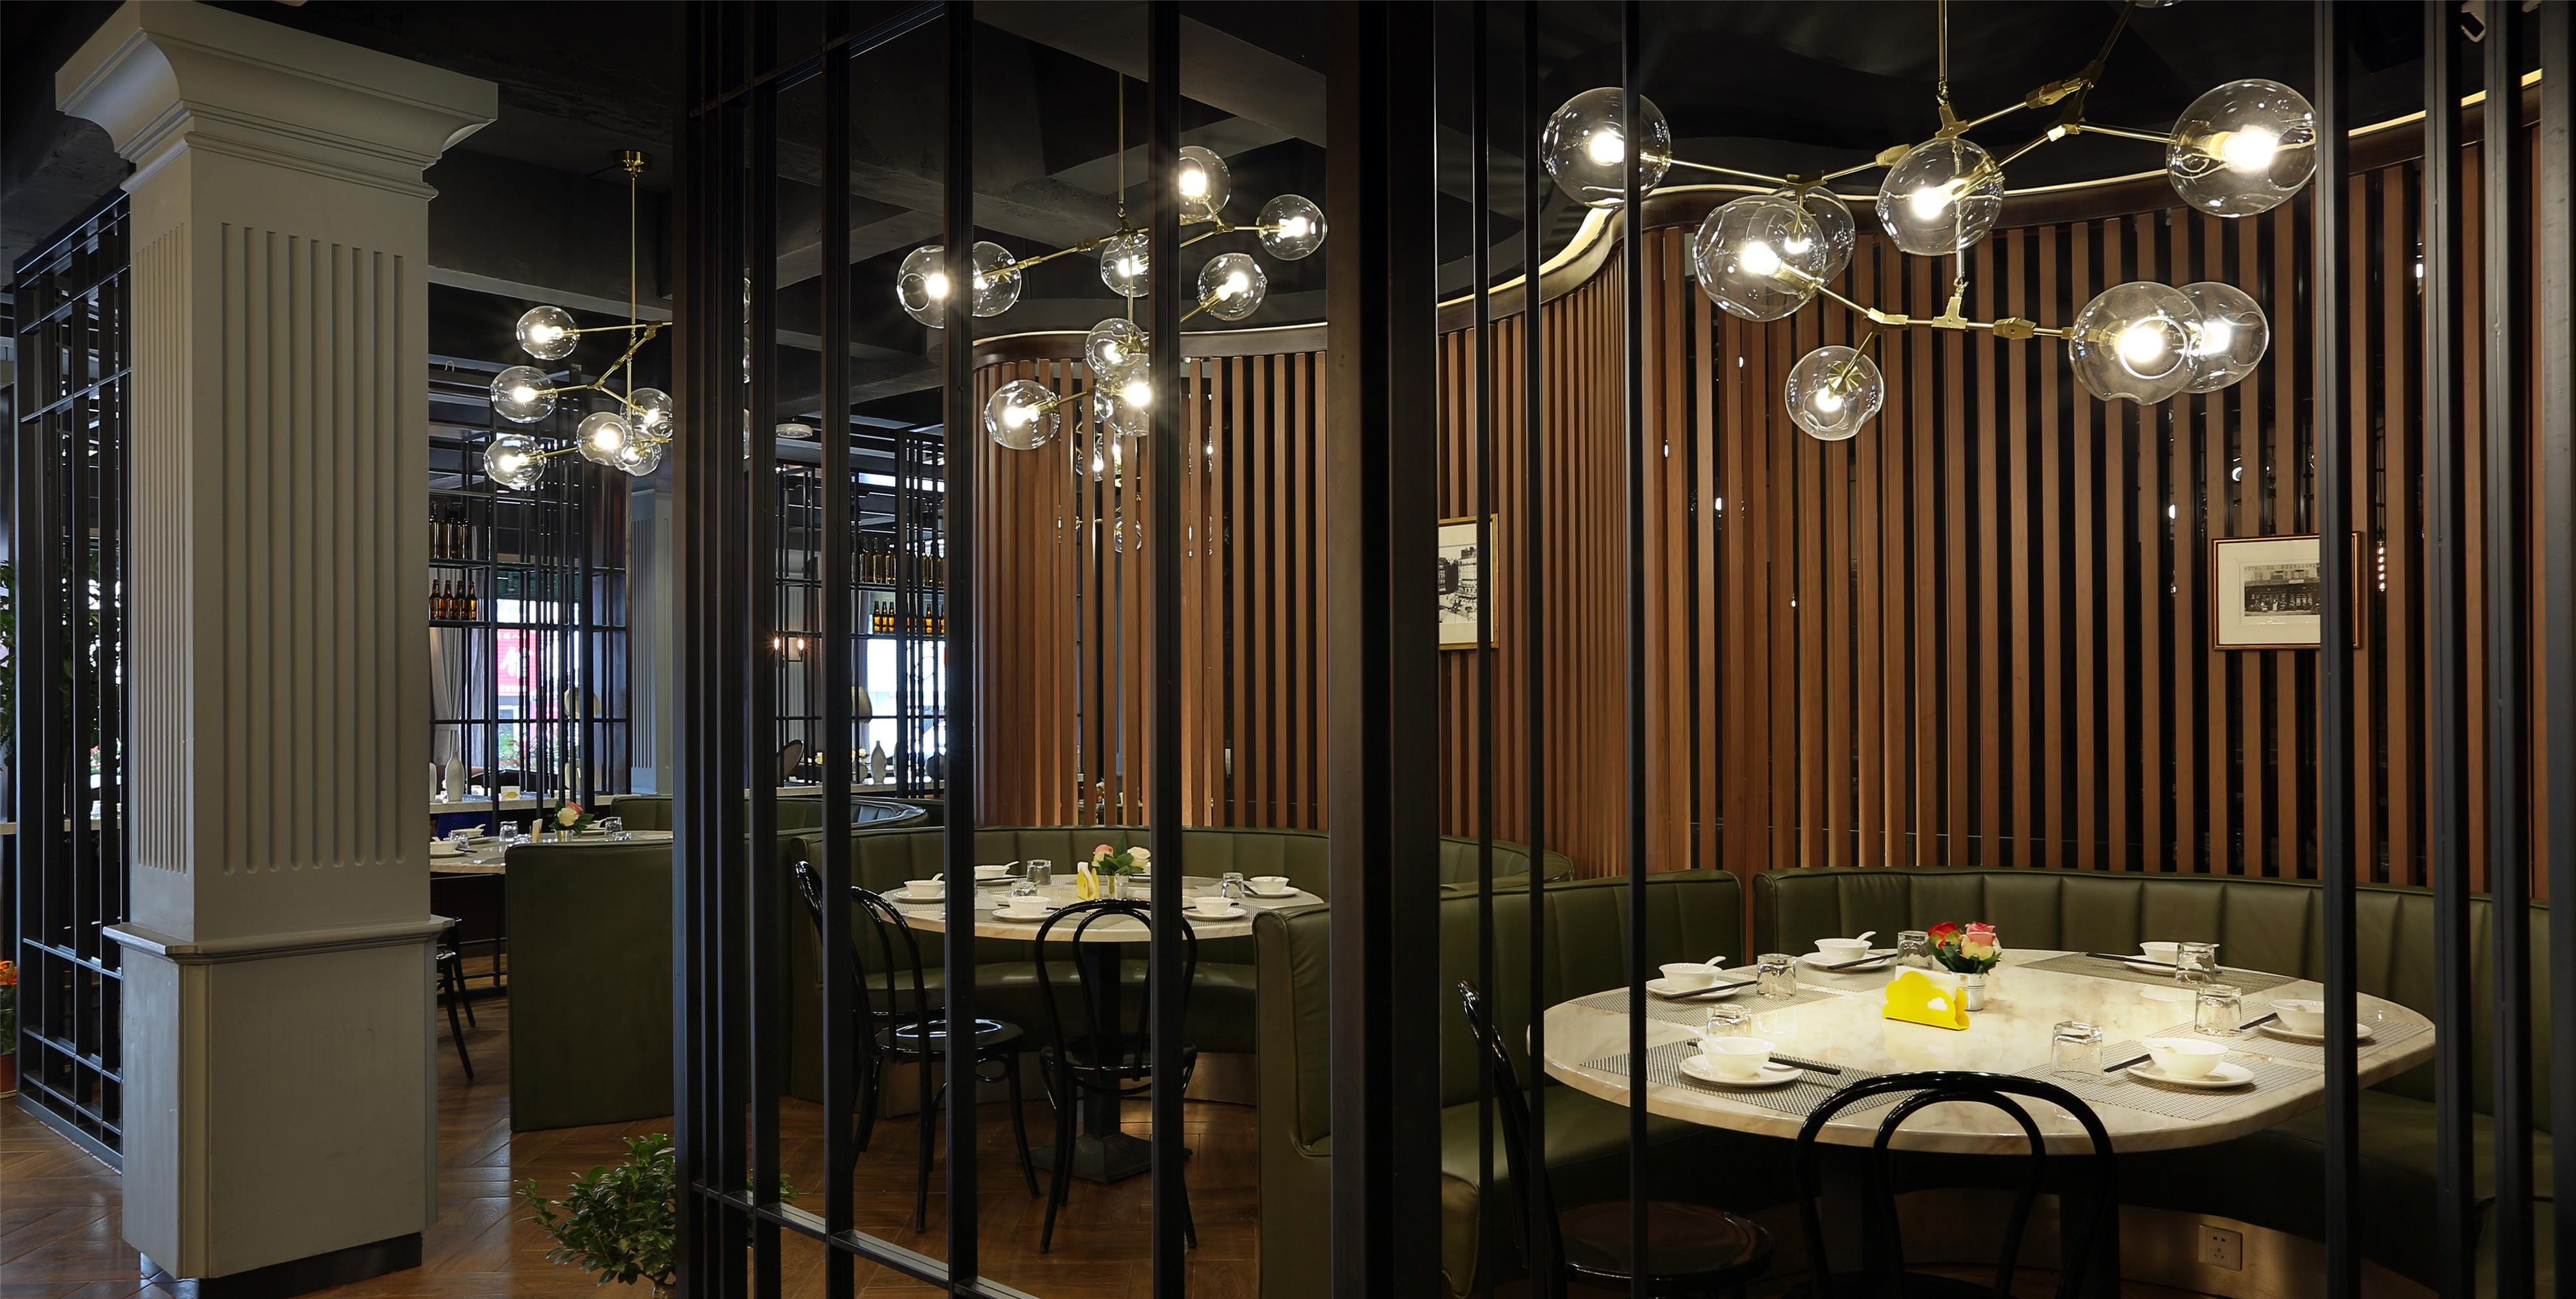 时尚简约工业风餐厅装修吊灯图片